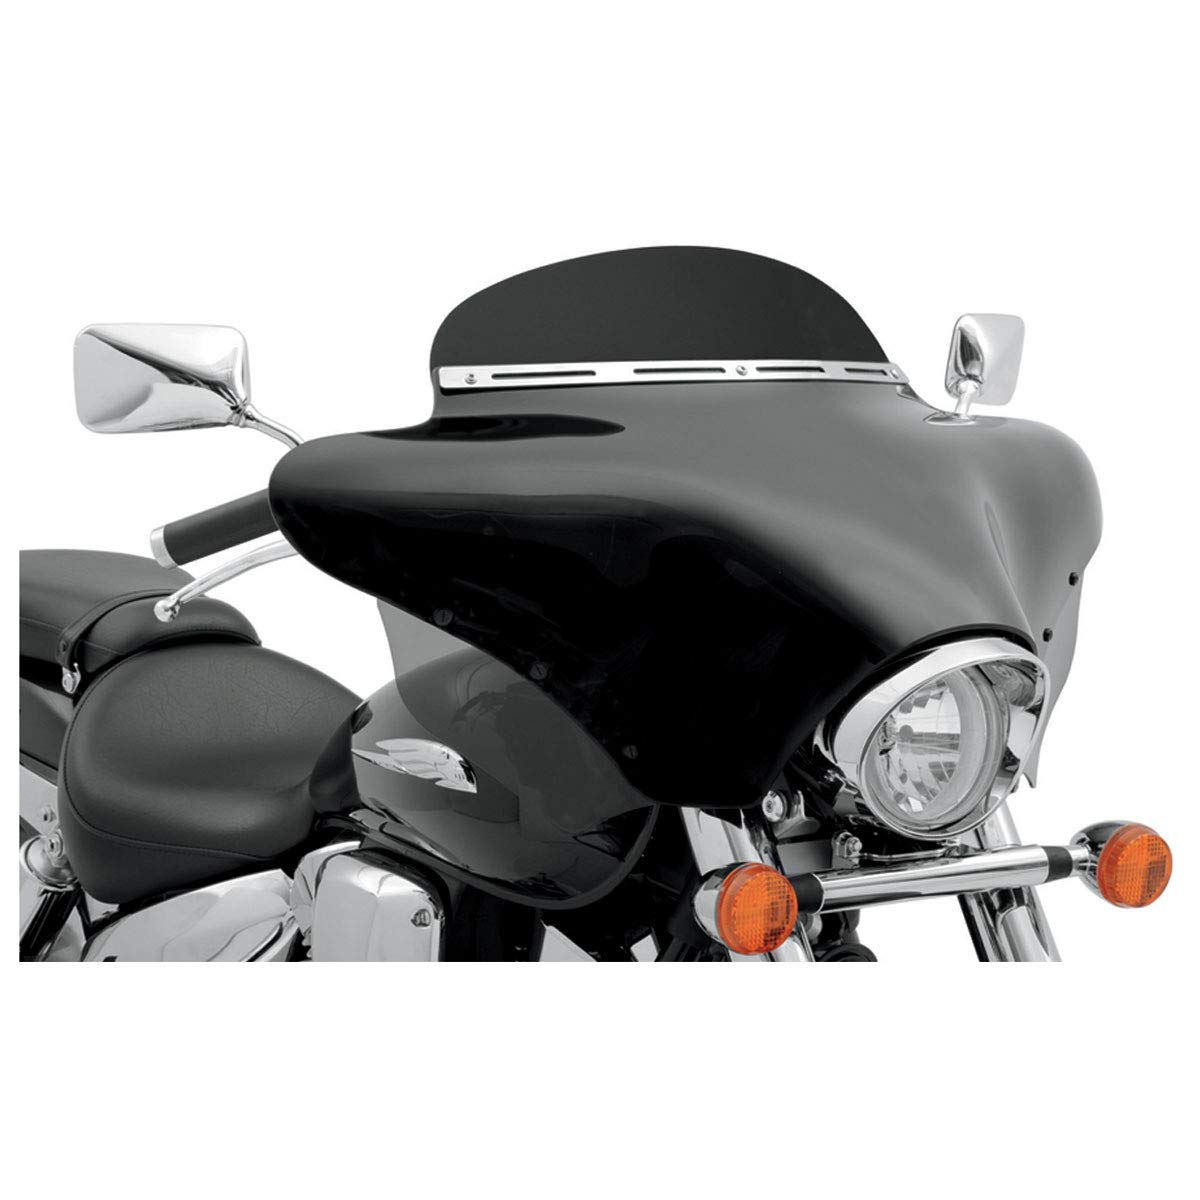 Memphis Shades MEM7031 Batwing Fairing fits Honda, Kawasaki, Suzuki,  Victory and Yamaha Models